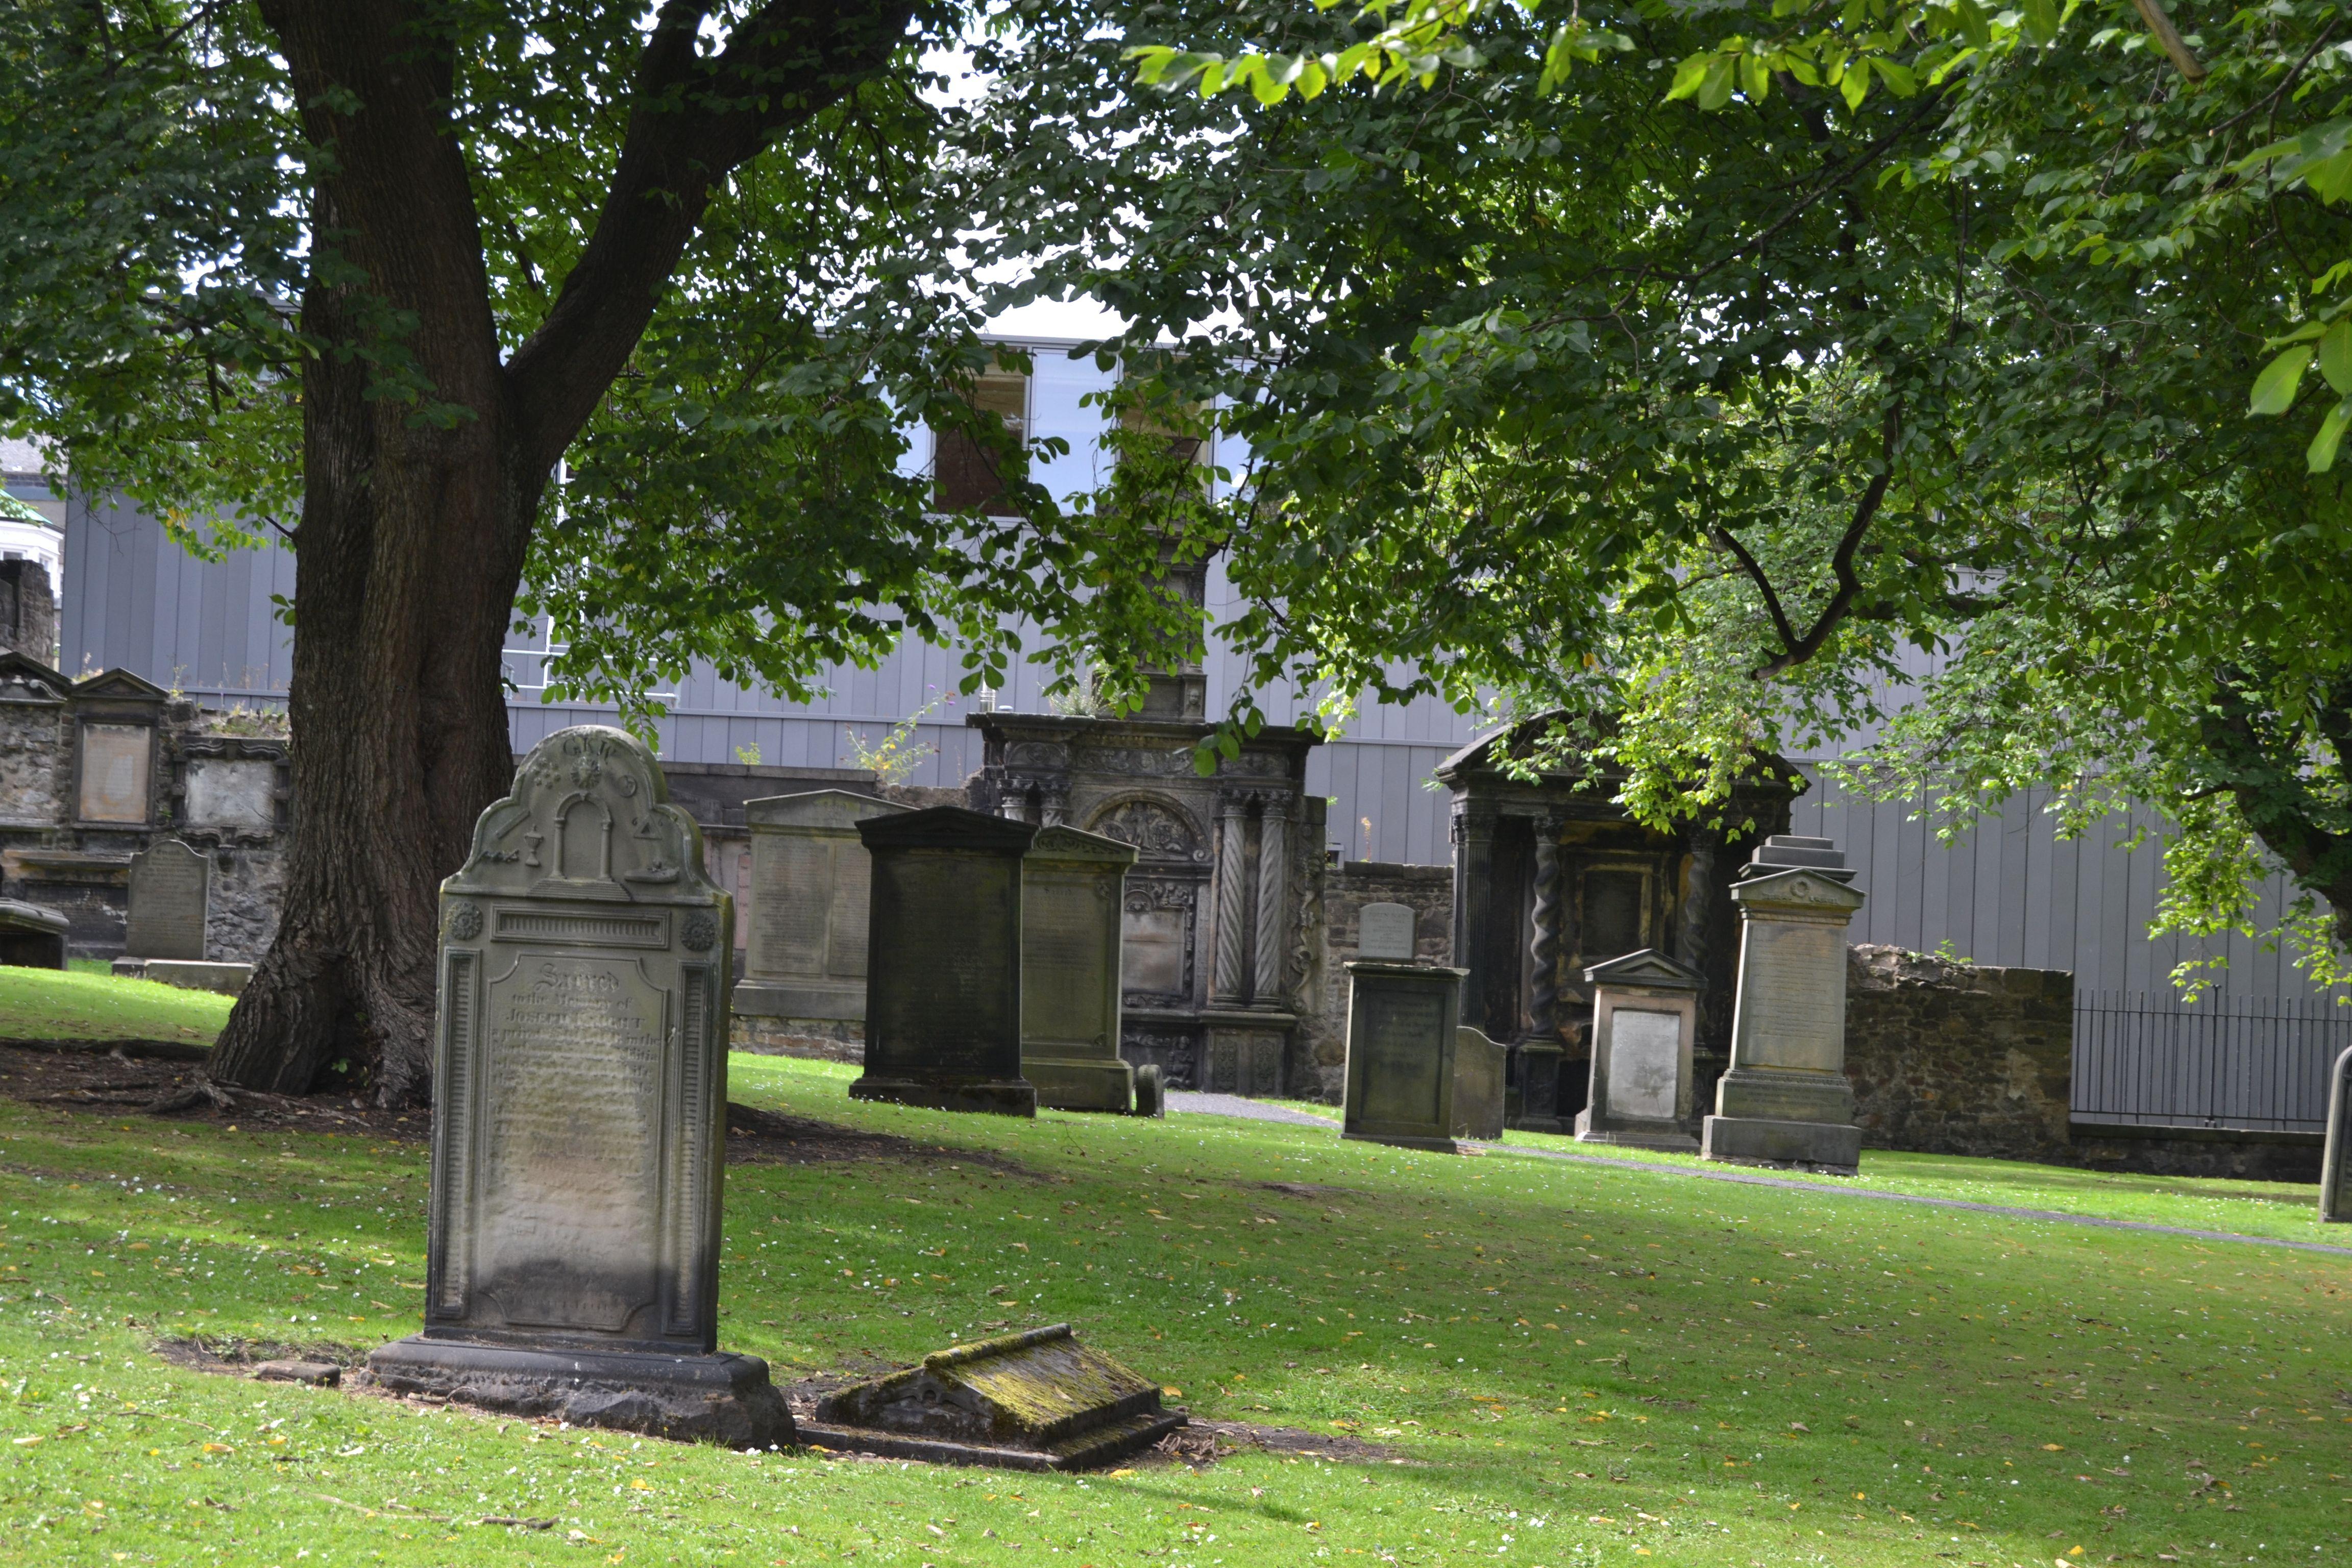 ESCOCIA . Edimburgo. Cementerio GreyFRiars. Agosto 2013